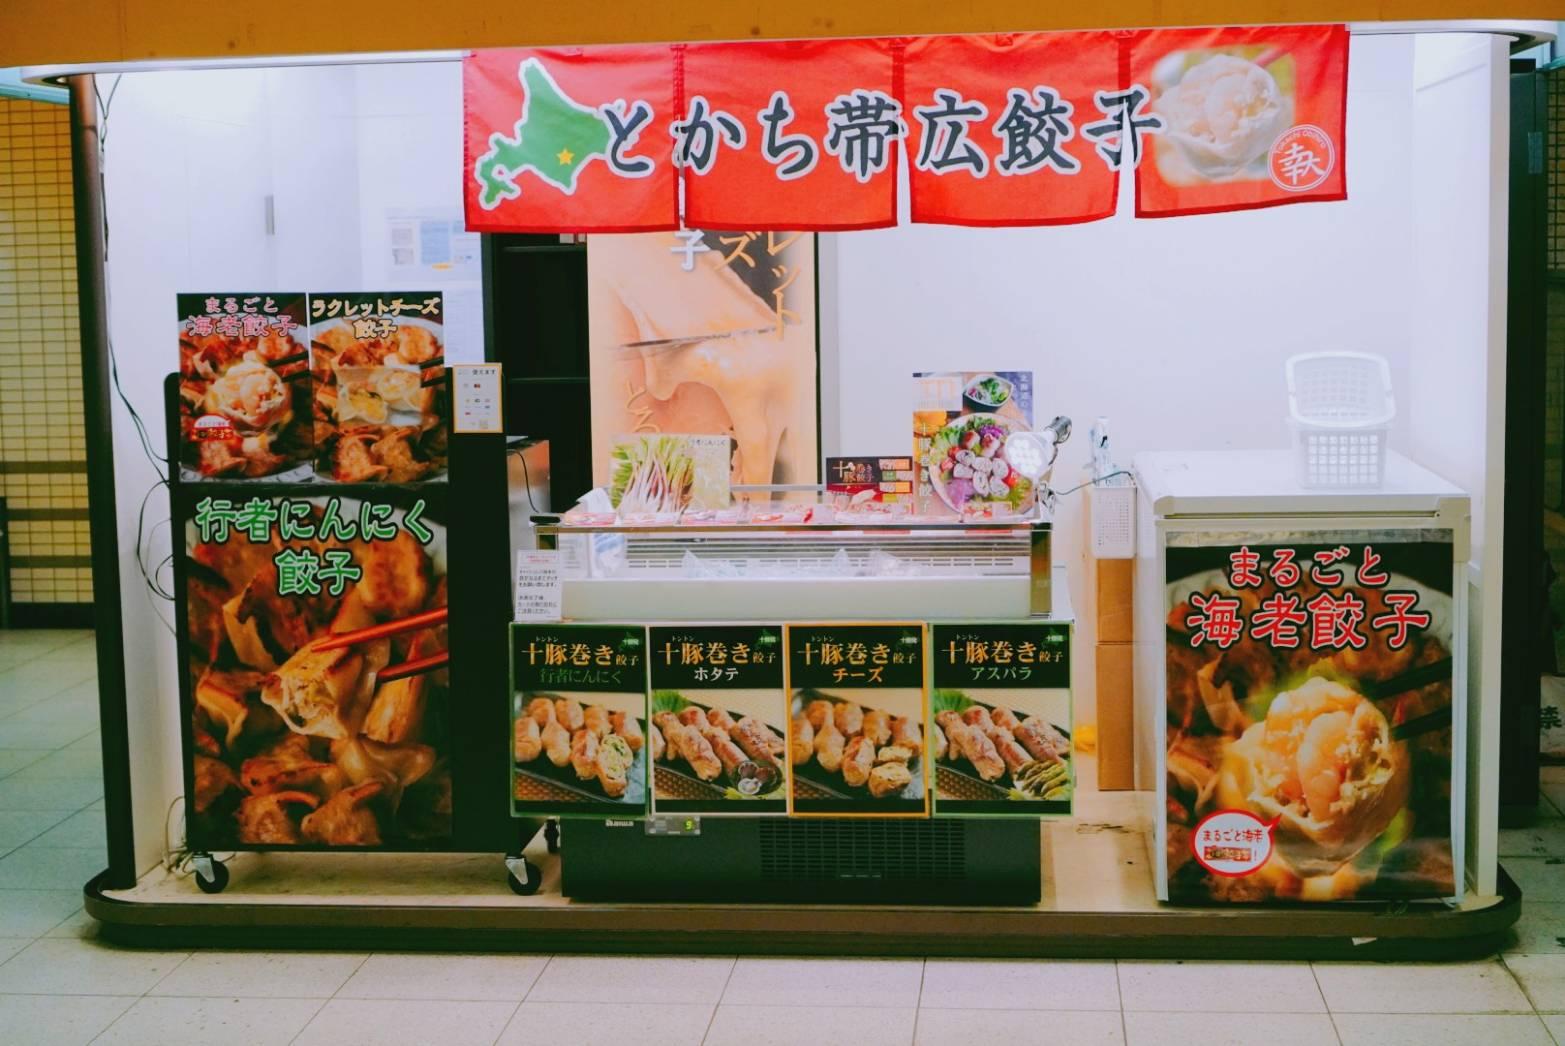 東京メトロ 麻生十番駅にて出店しております